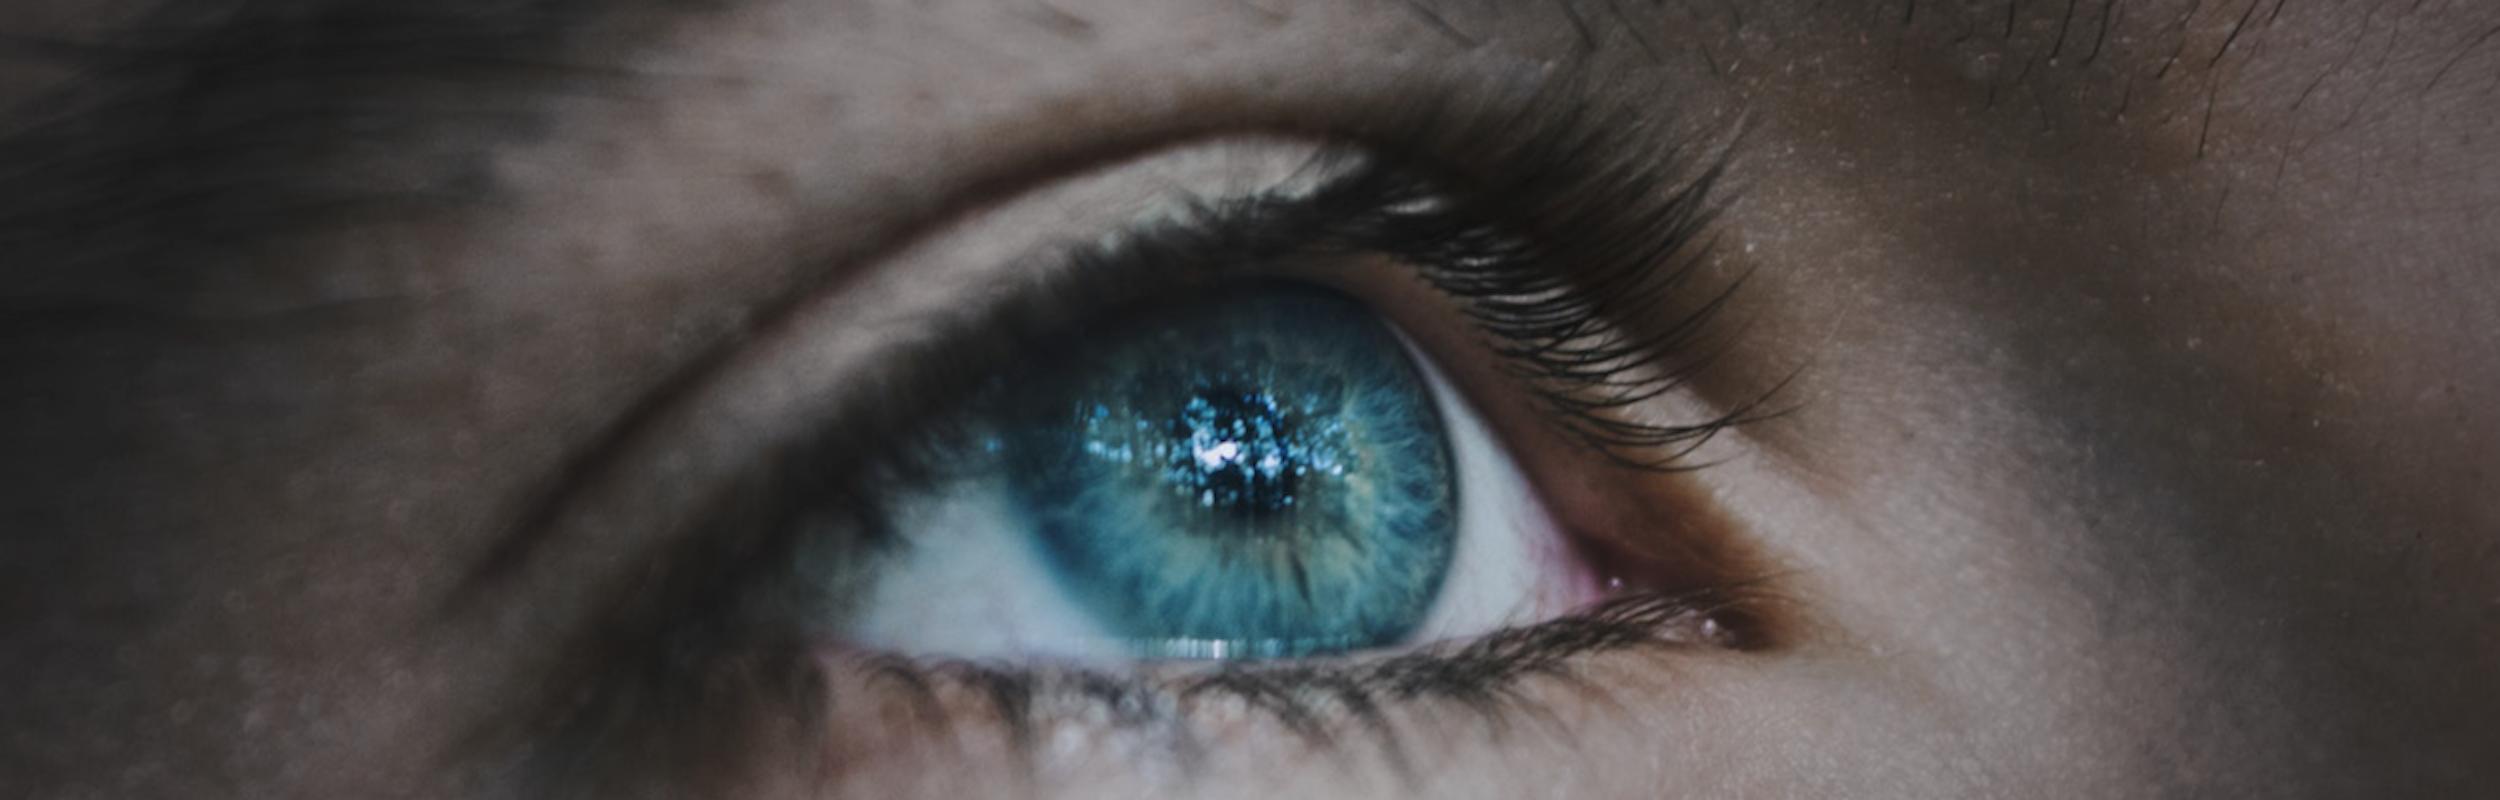 Où en est-on sur la chirurgie laser de l'oeil ?